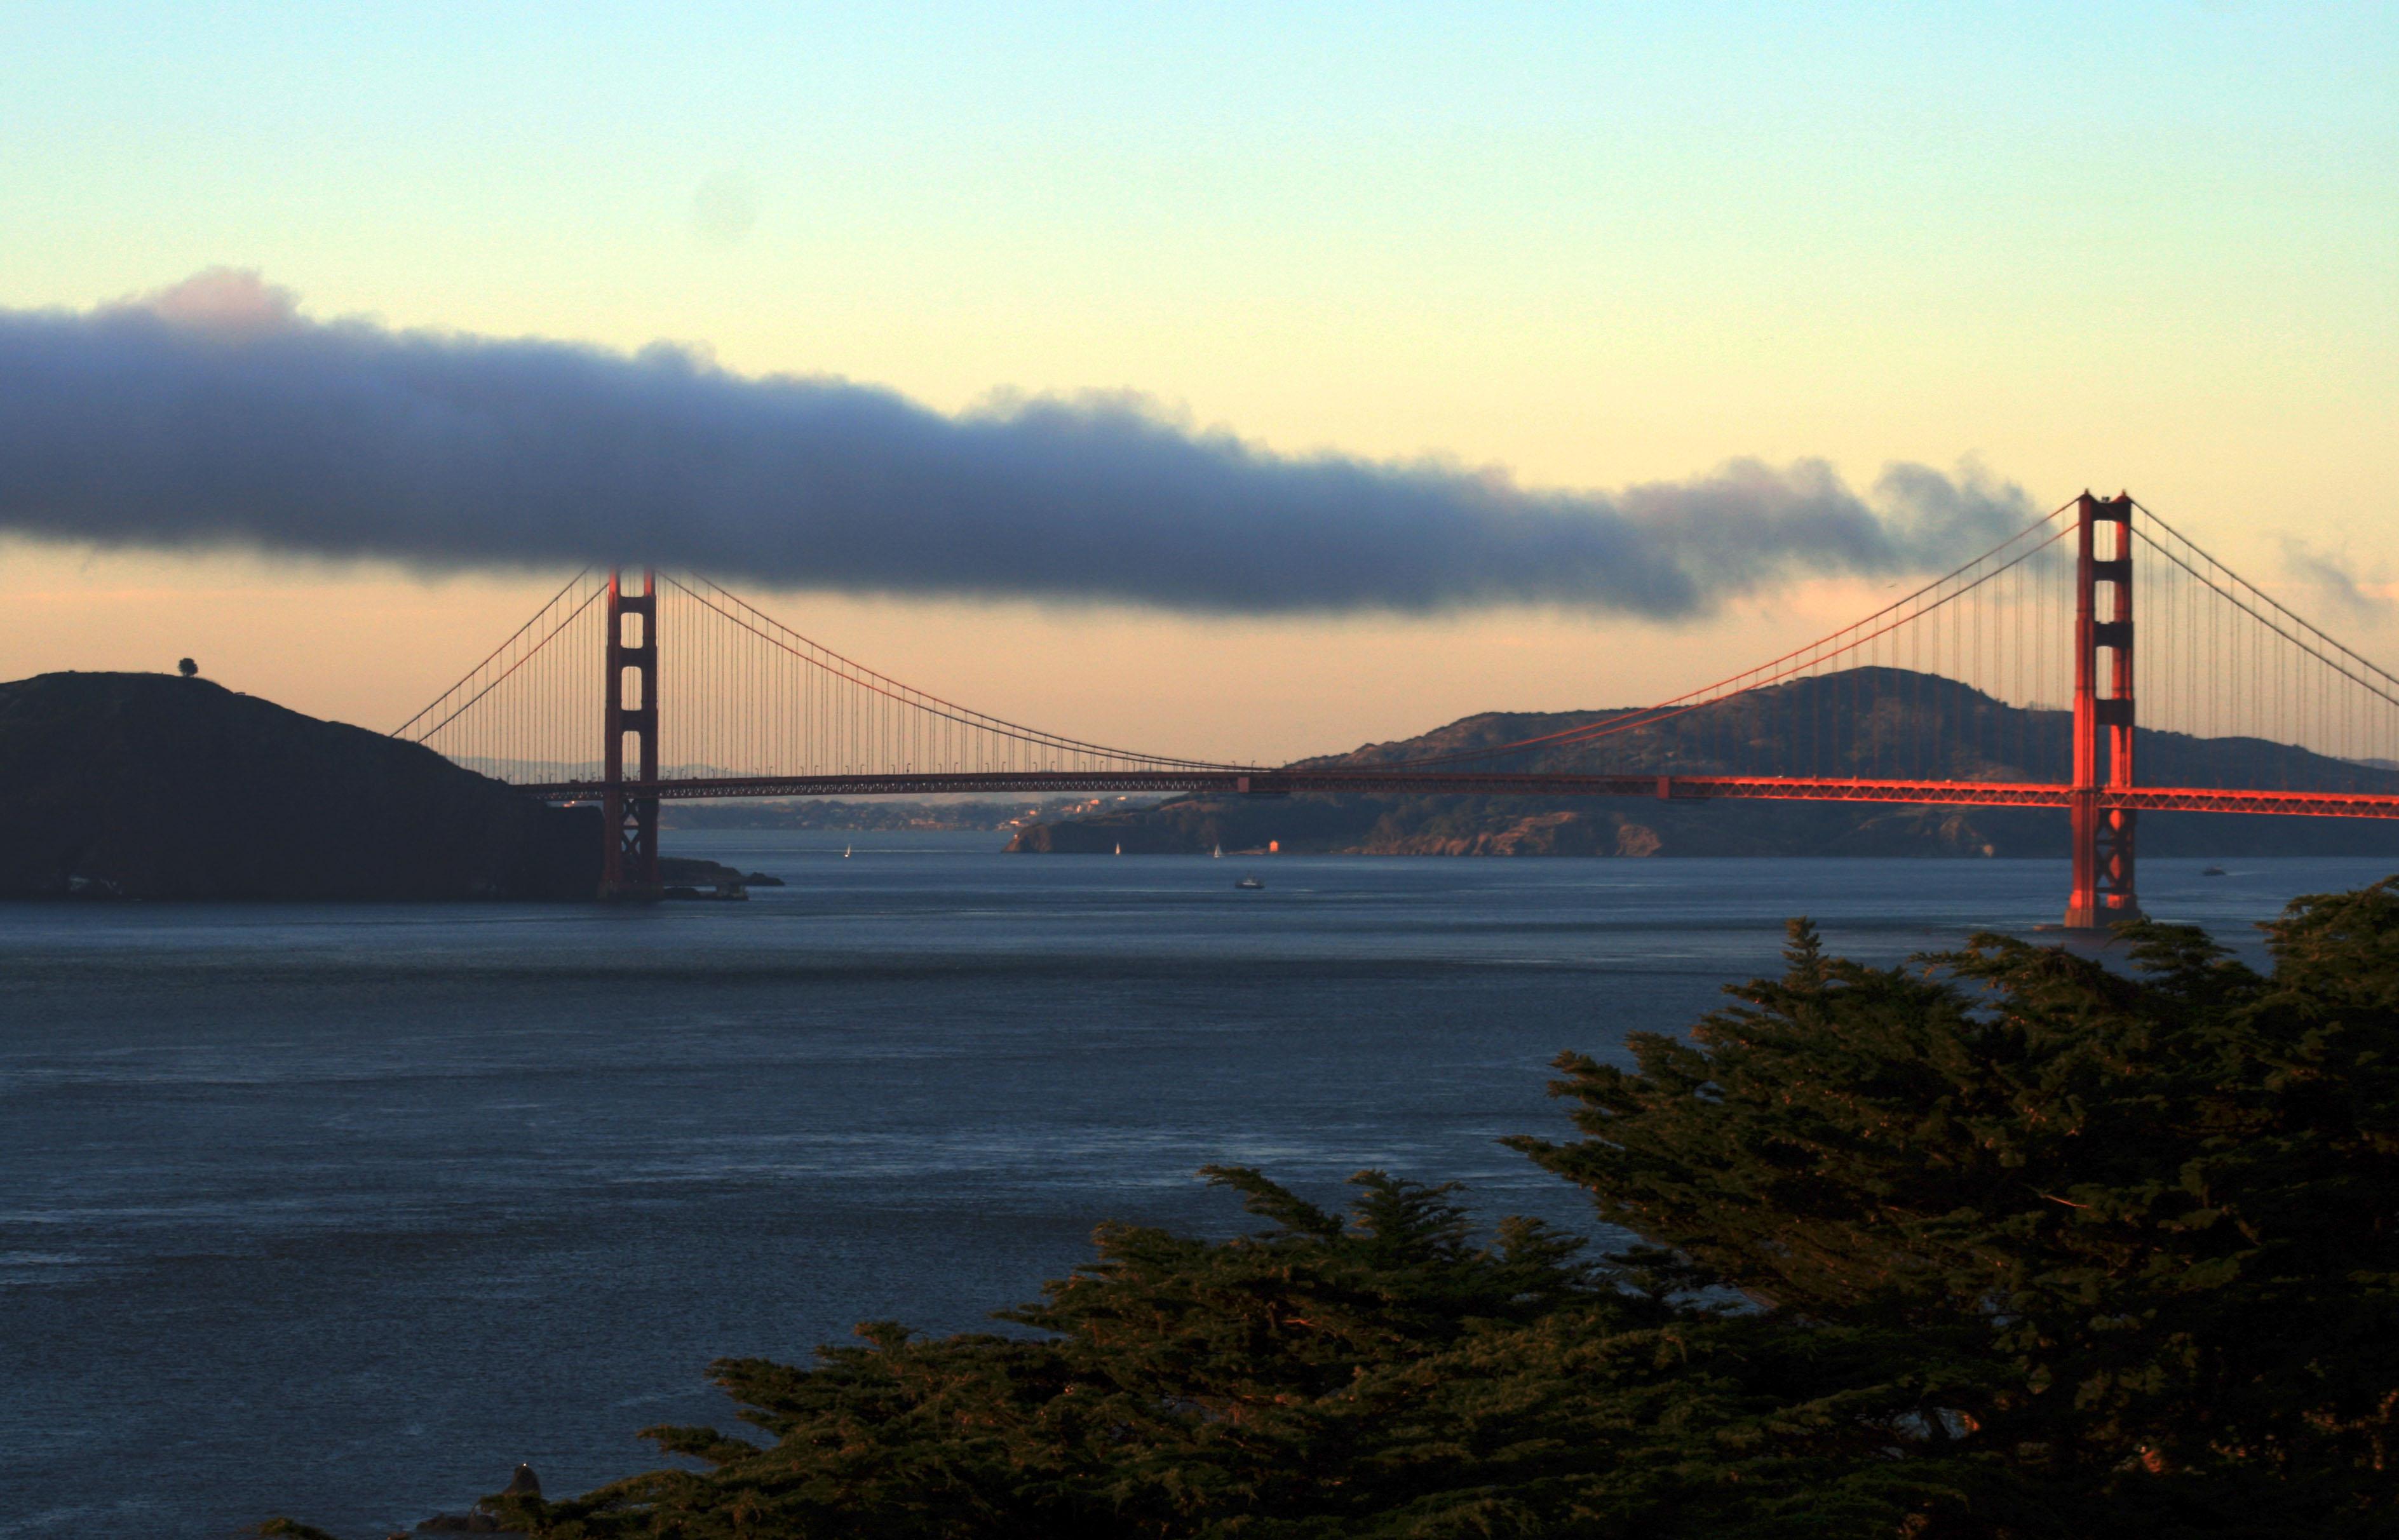 Les Plus Belles Vues Sur Le Golden Gate Lost In The Usa